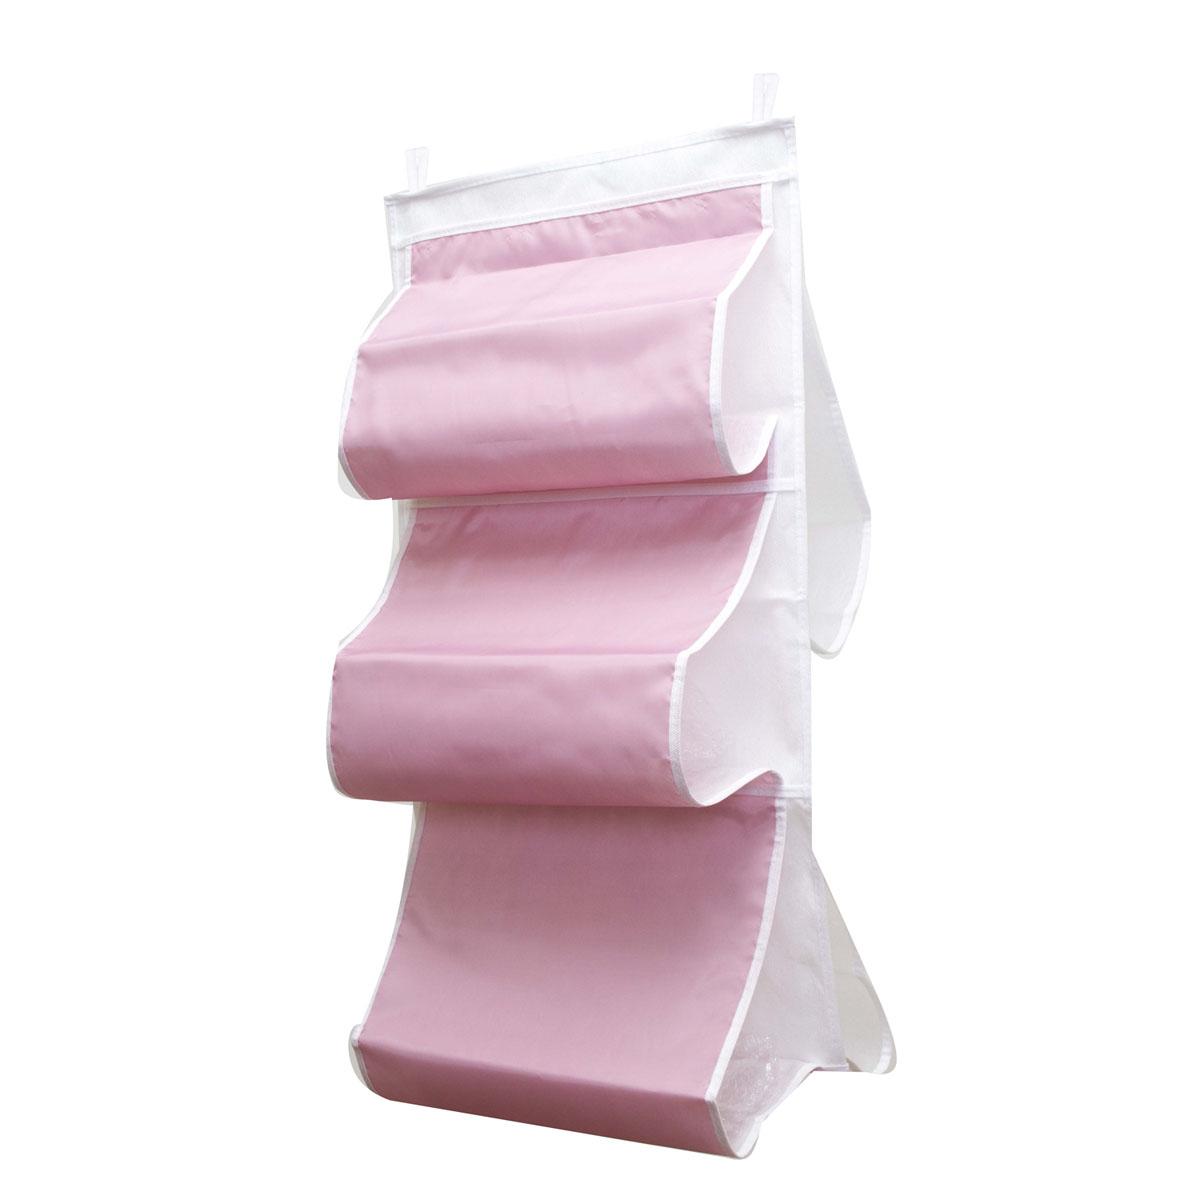 Органайзер для сумок Homsu Capri, 5 отделений, 40 х 70 смHOM-32Органайзер для хранения сумок Homsu Capri изготовлен из полиэстера. Изделие имеет 5 отделений, его можно повесить в удобное место за крючки. Такой компактный и удобный в каждодневном использовании аксессуар, как этот органайзер, размещающийся в пространстве шкафа, на плоскости стены или дверей. Практичный и удобный органайзер для хранения сумок. Размер чехла: 40 х 70 см.